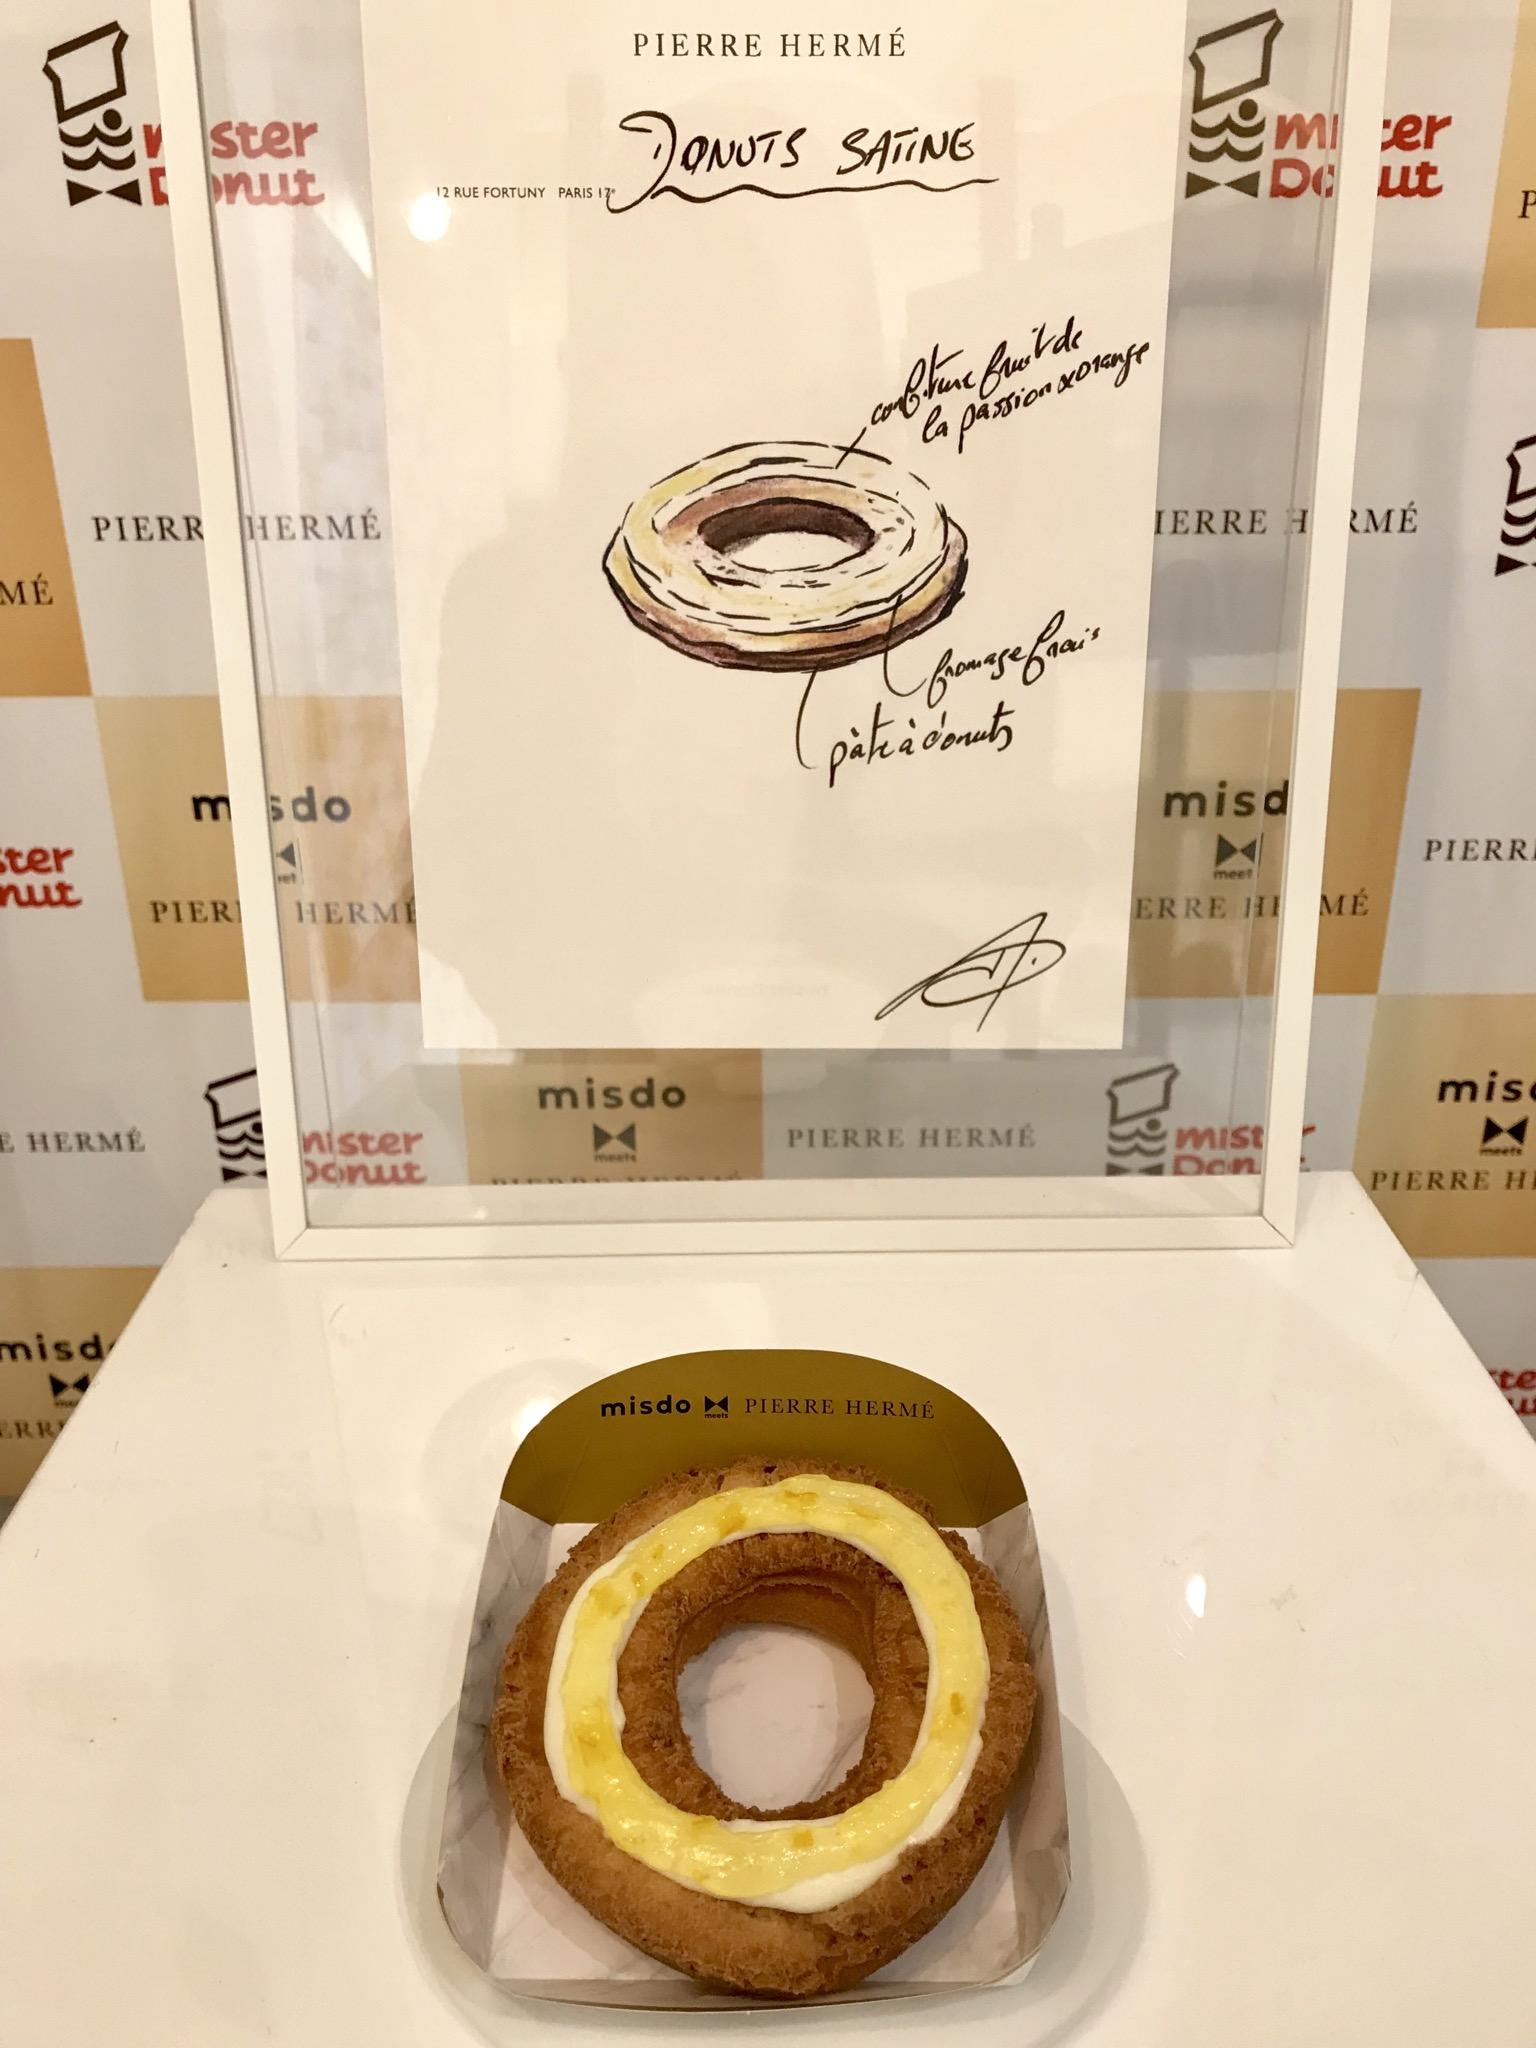 【ミスド 新作】『ピエール・エルメ』と共同開発♡ 「misdo meets PIERRE HERMÉ パティスリードーナツコレクション」を全品を食べてみた!_3